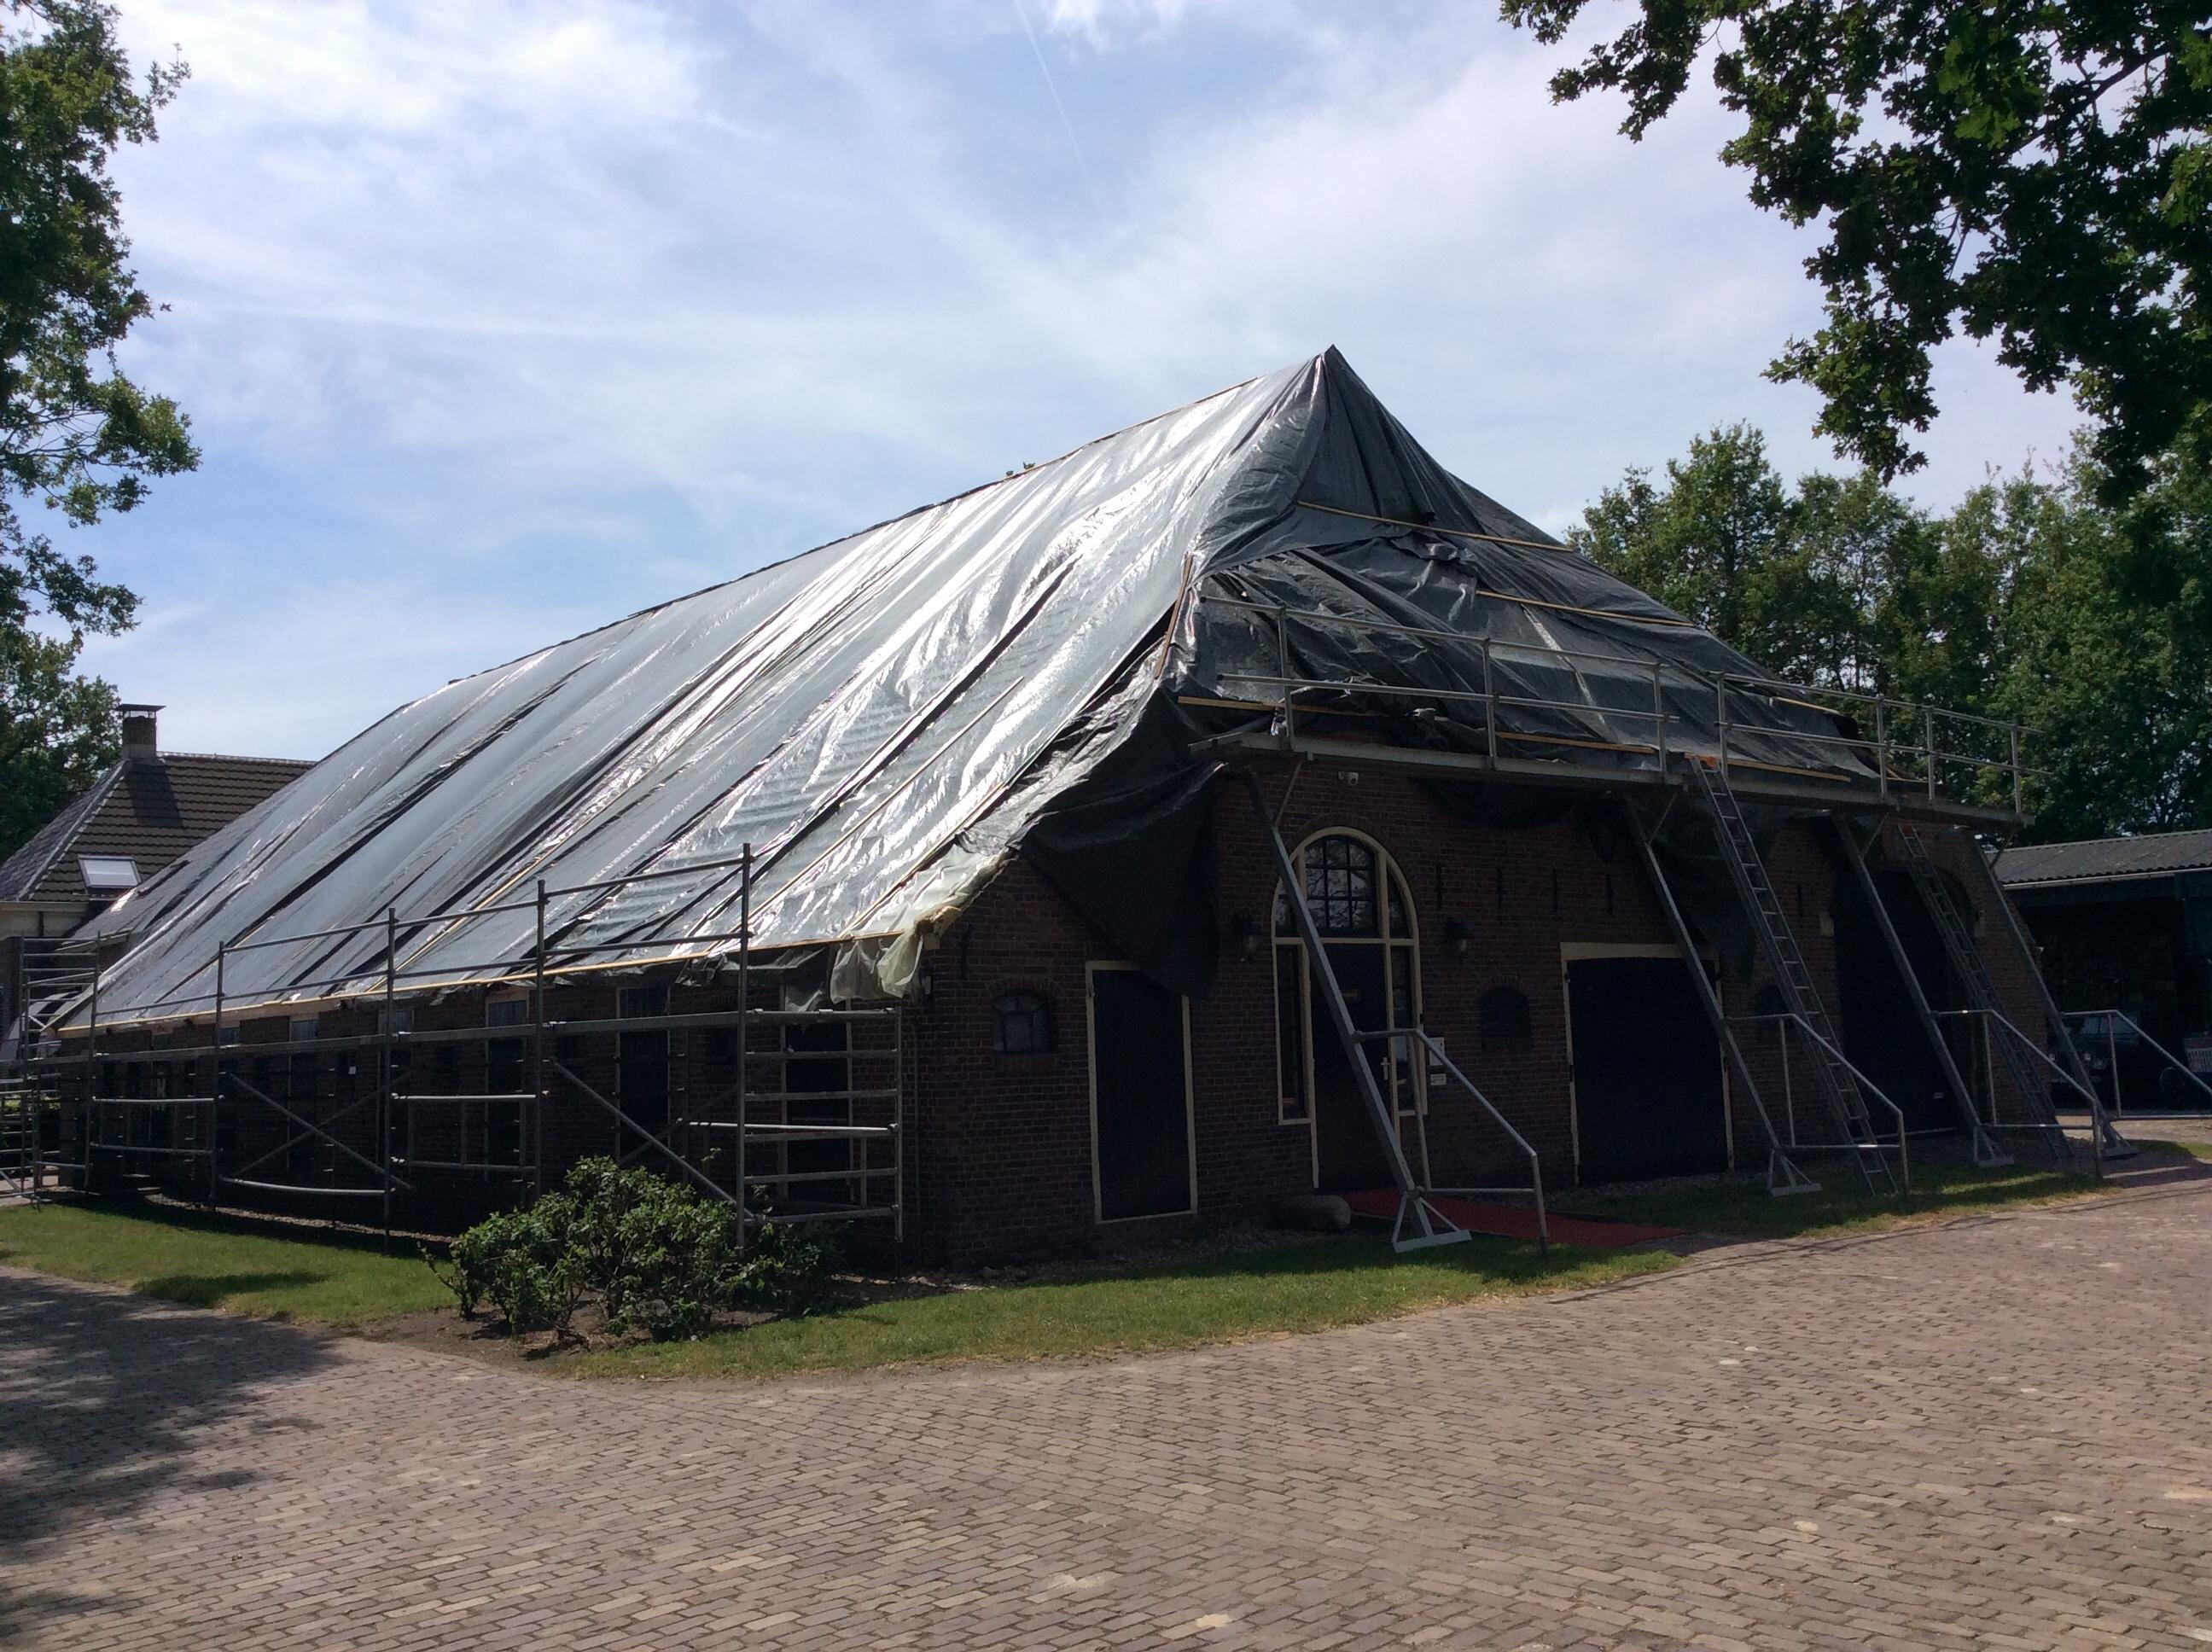 Bij de bonte koe 'gaat het dak er af' (klik hier voor meer informatie)